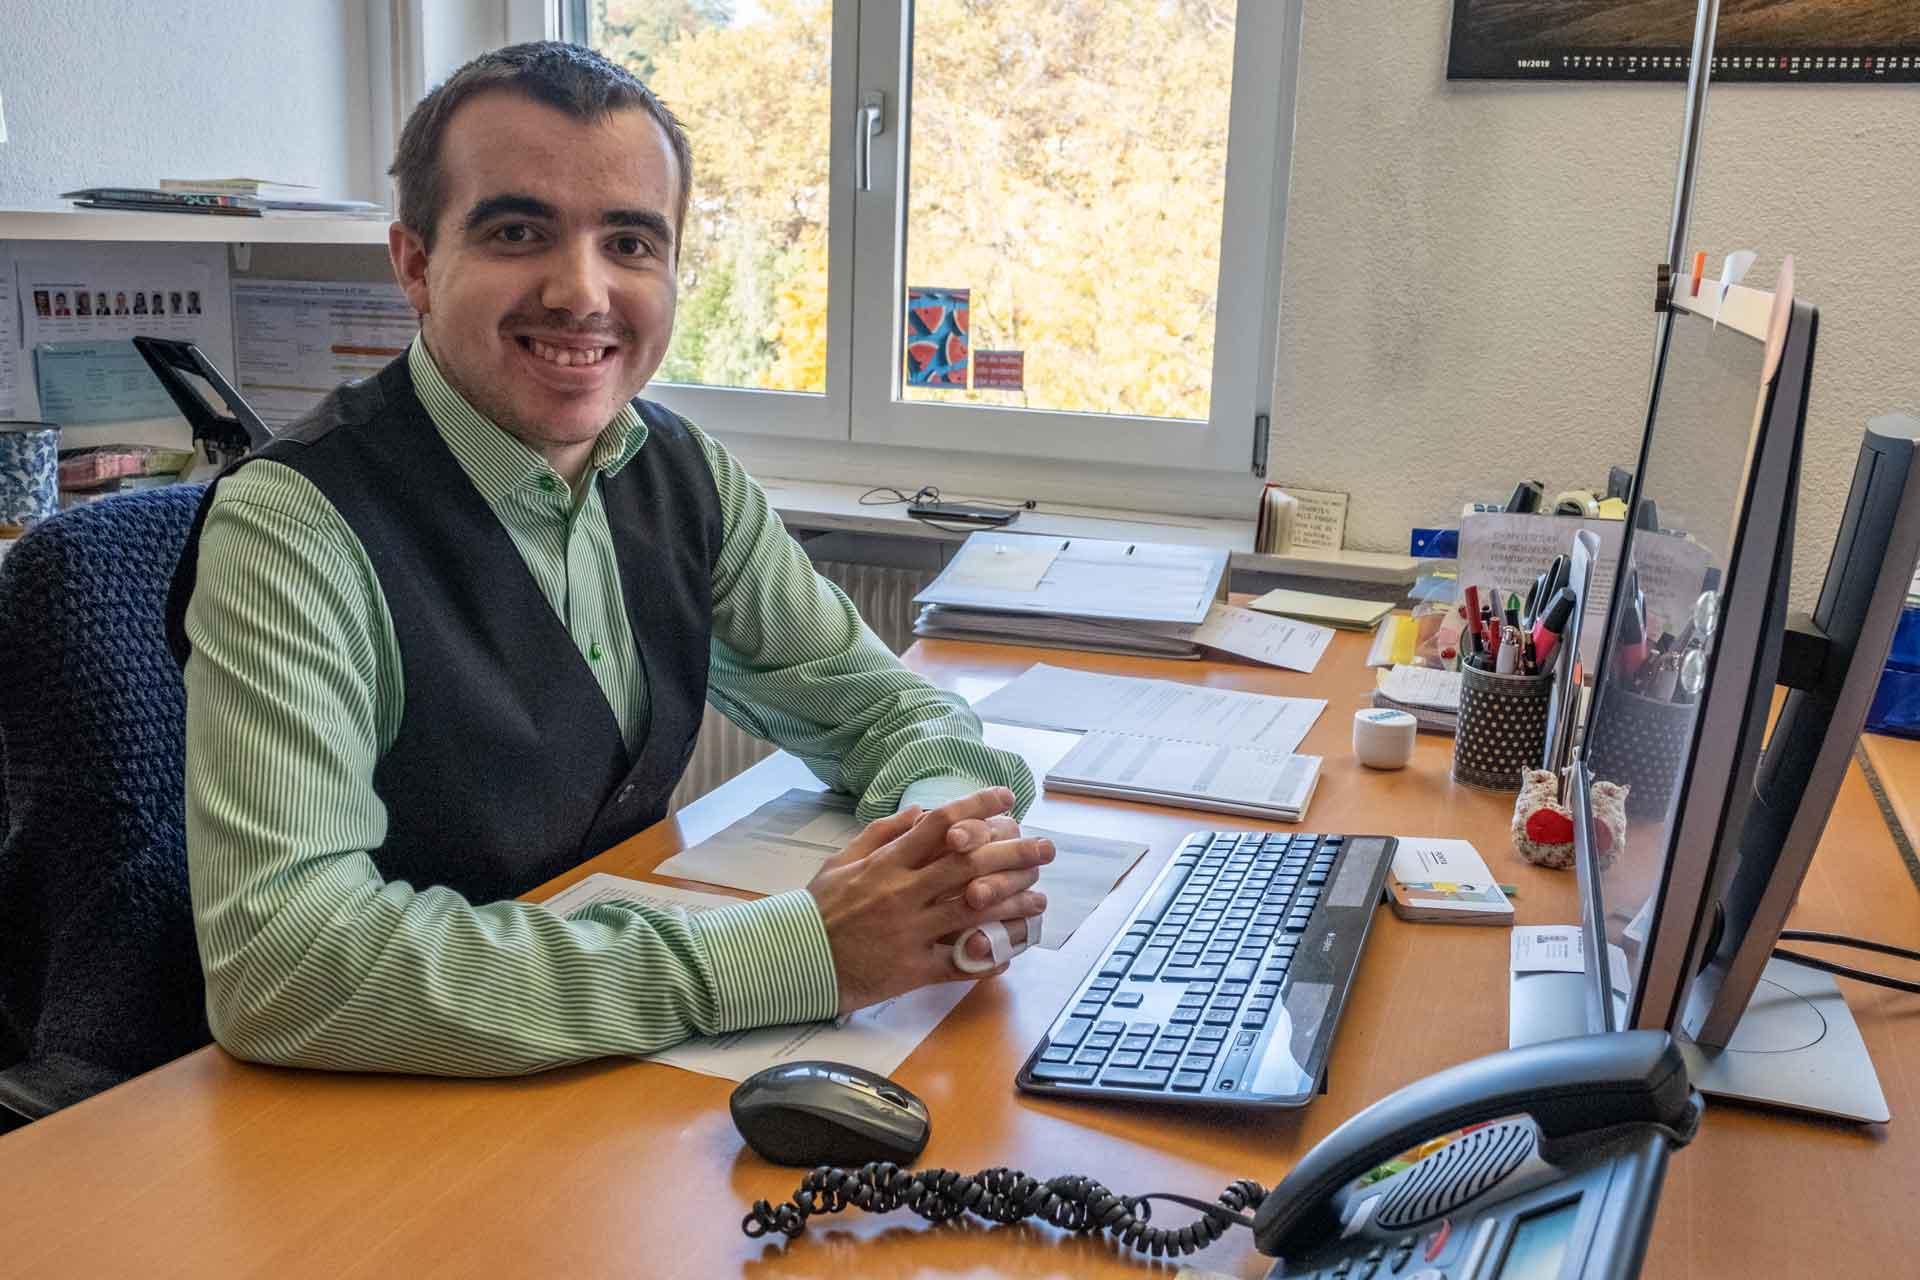 Oliver Leo bei der Arbeit im Sekretariat der Fachbereiche. | © 2019 Dominik Thali